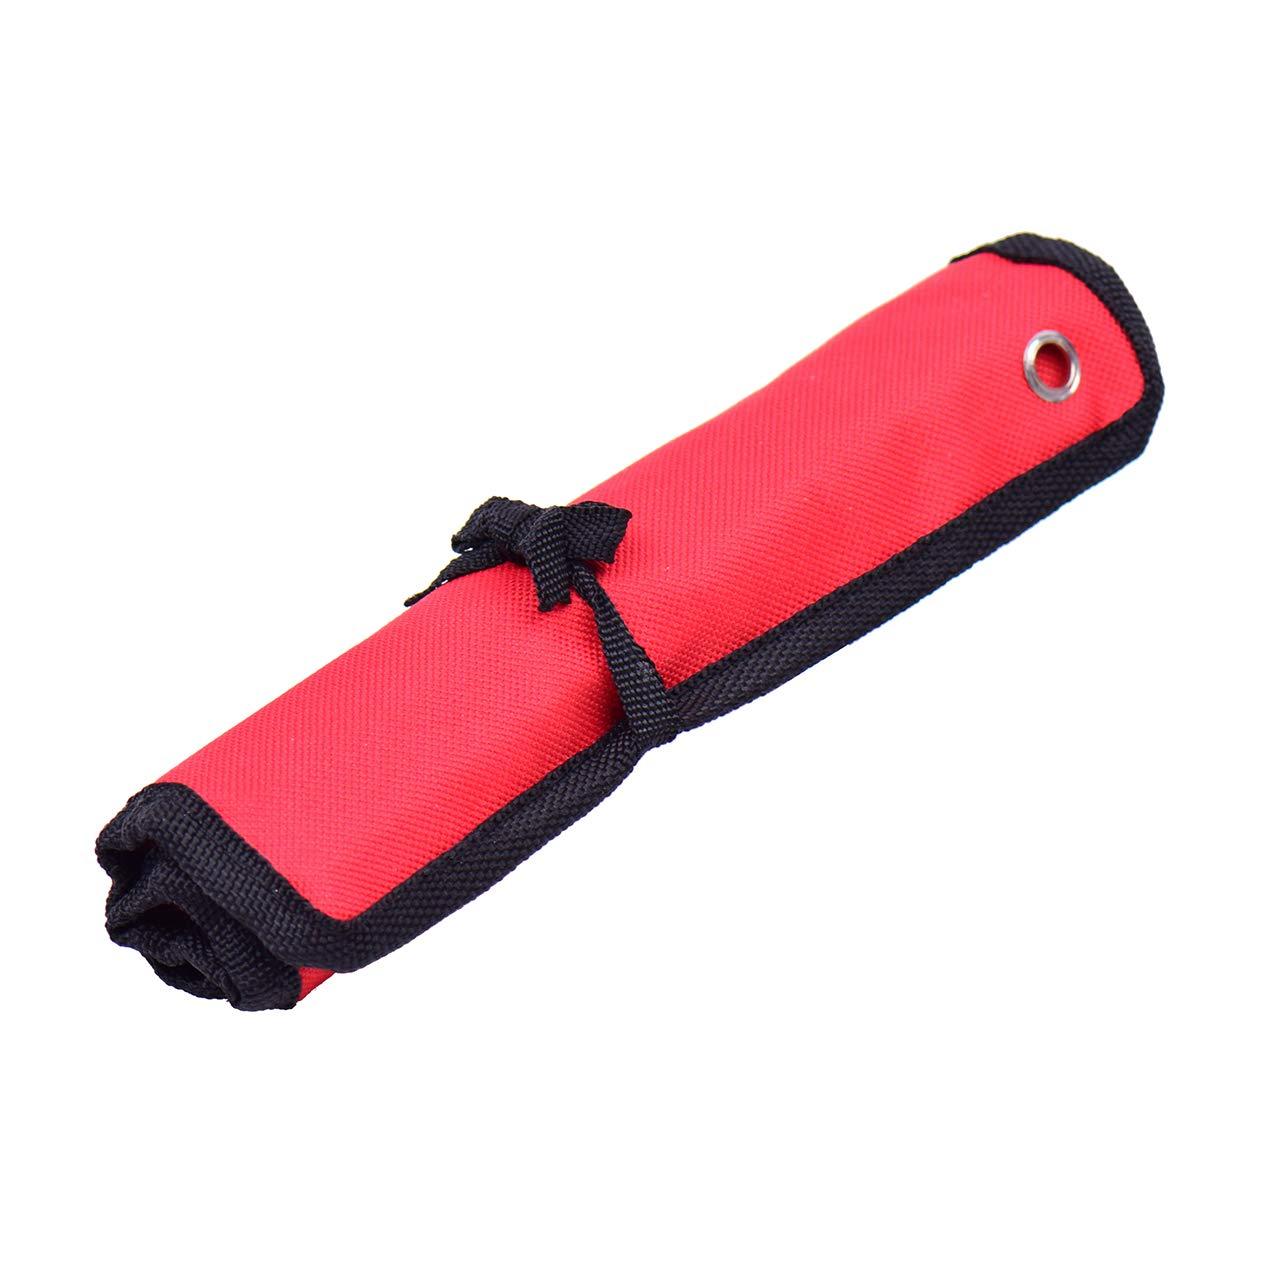 Yuema 9pcs Roll Pin Punch Set Hand Pin Removal Tools